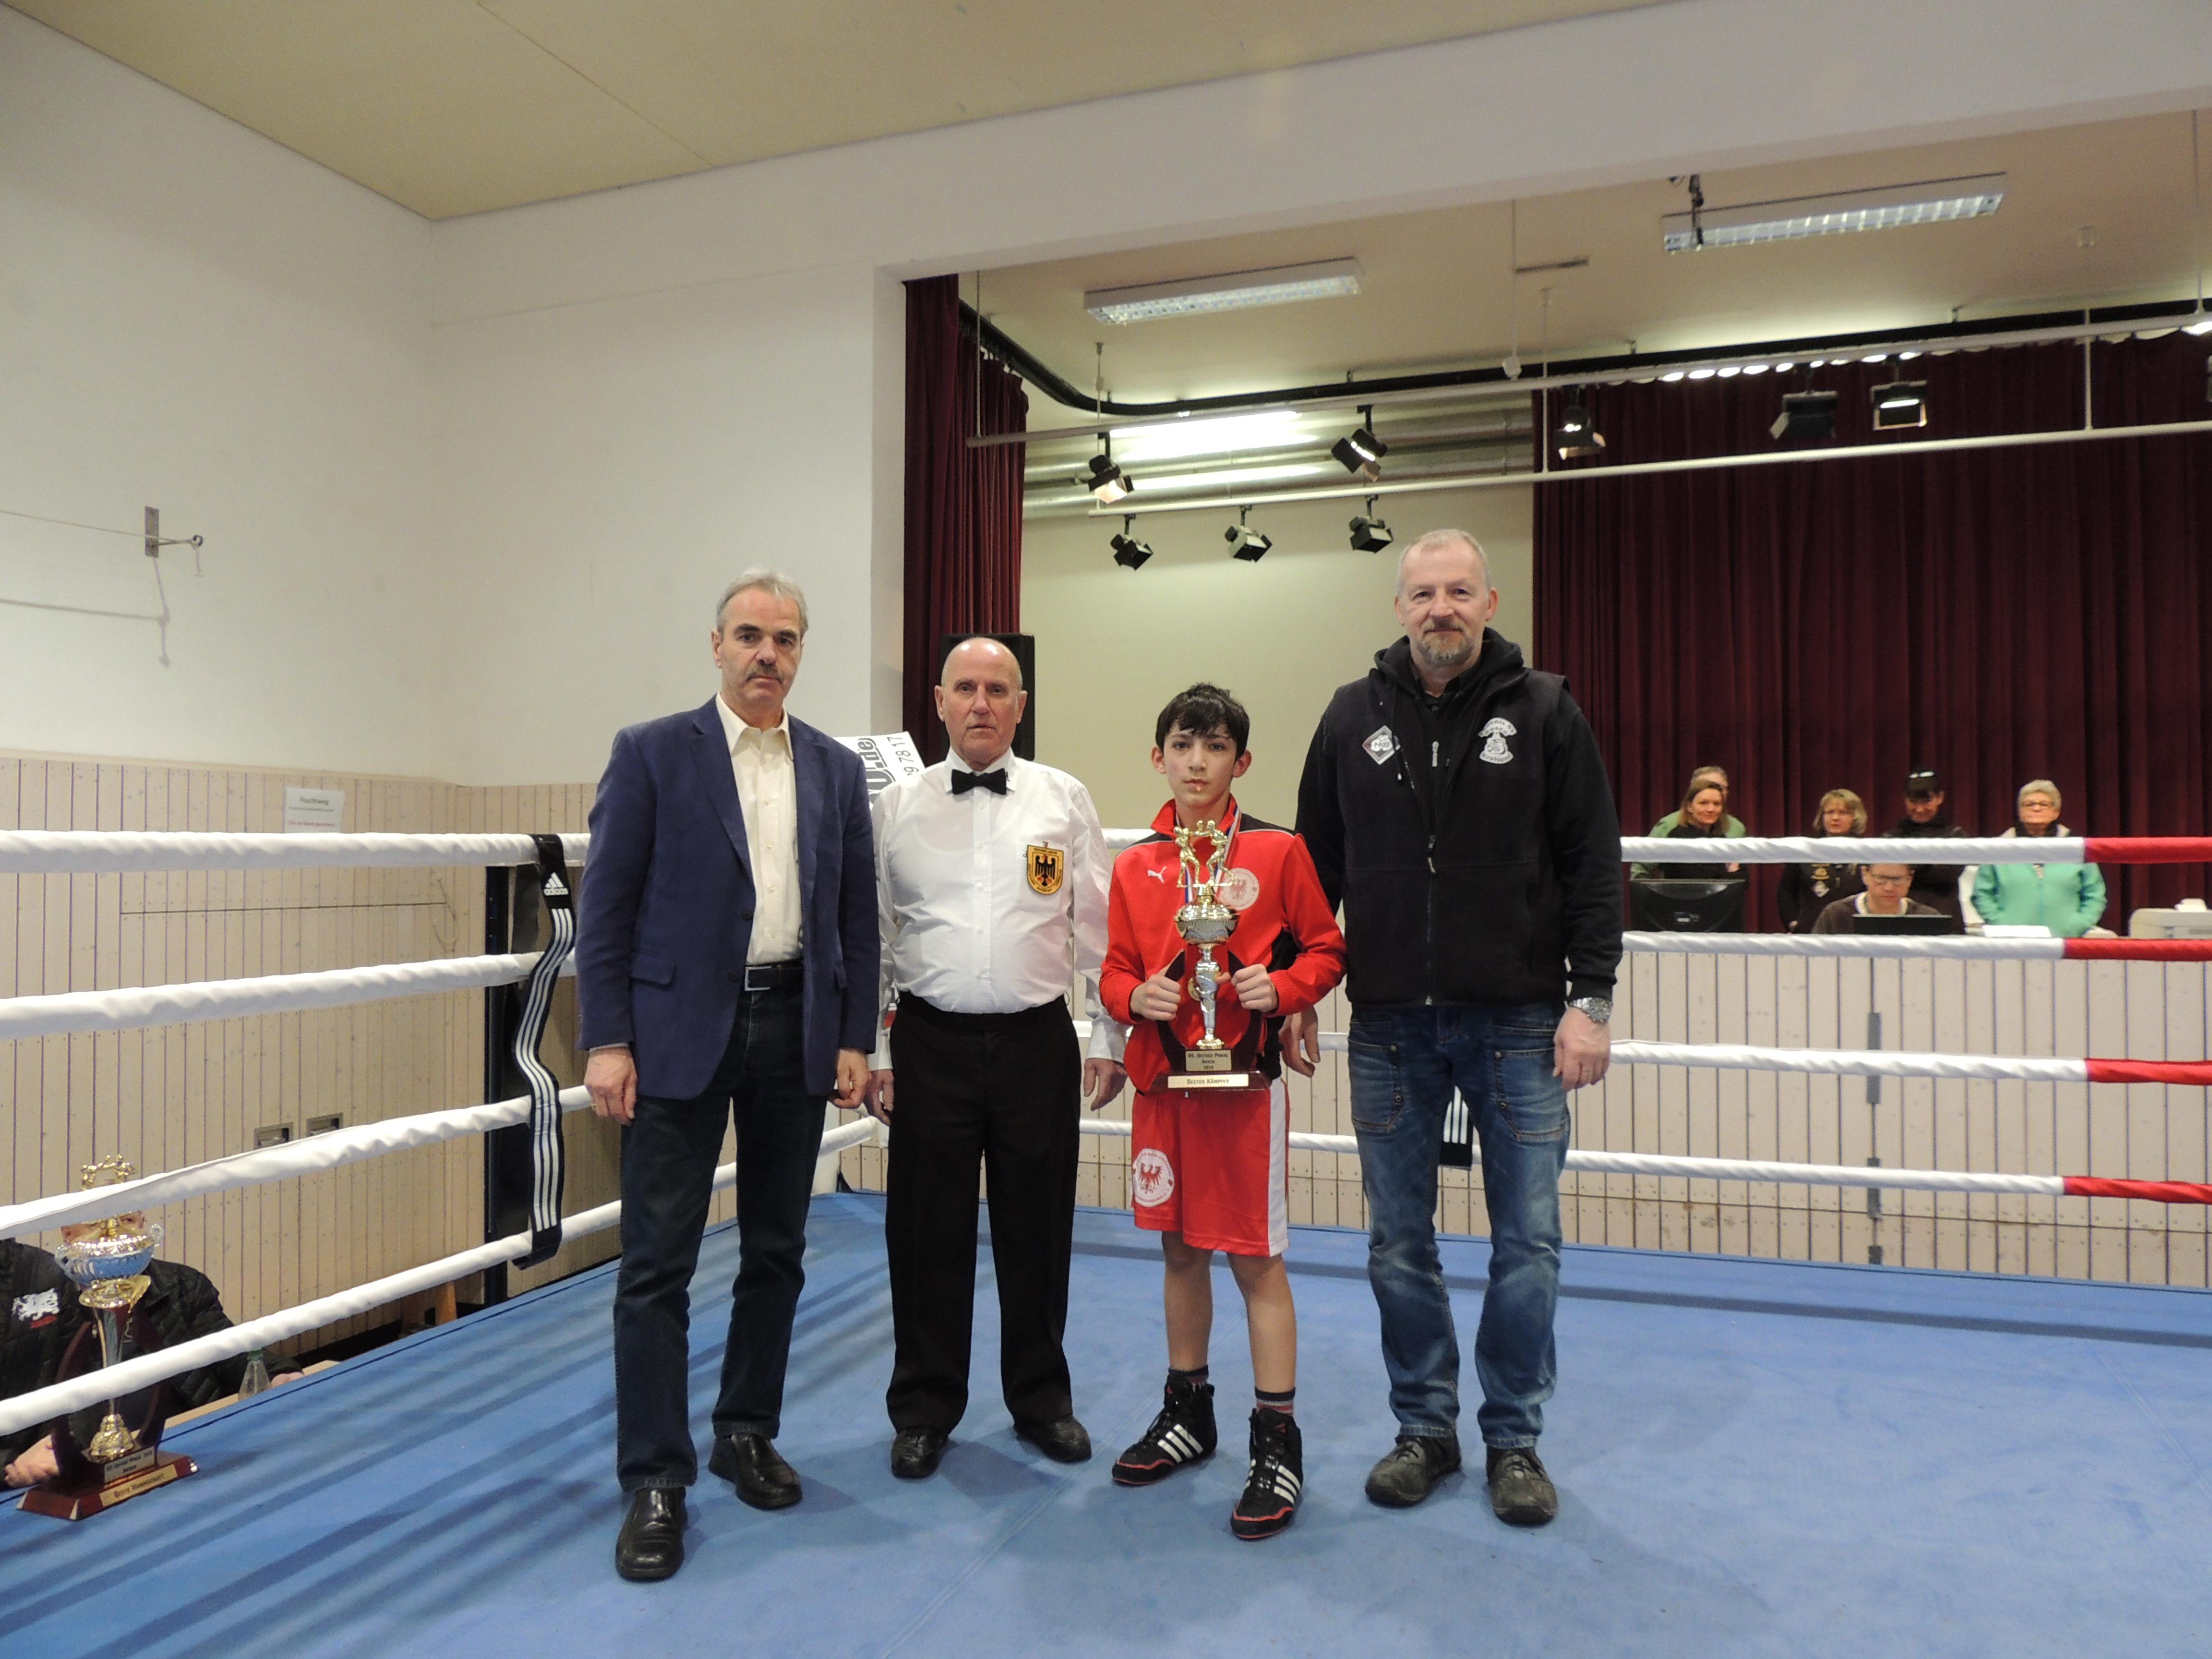 Bester Kämpfer - Akram Mazaev (LV Brandenburg)